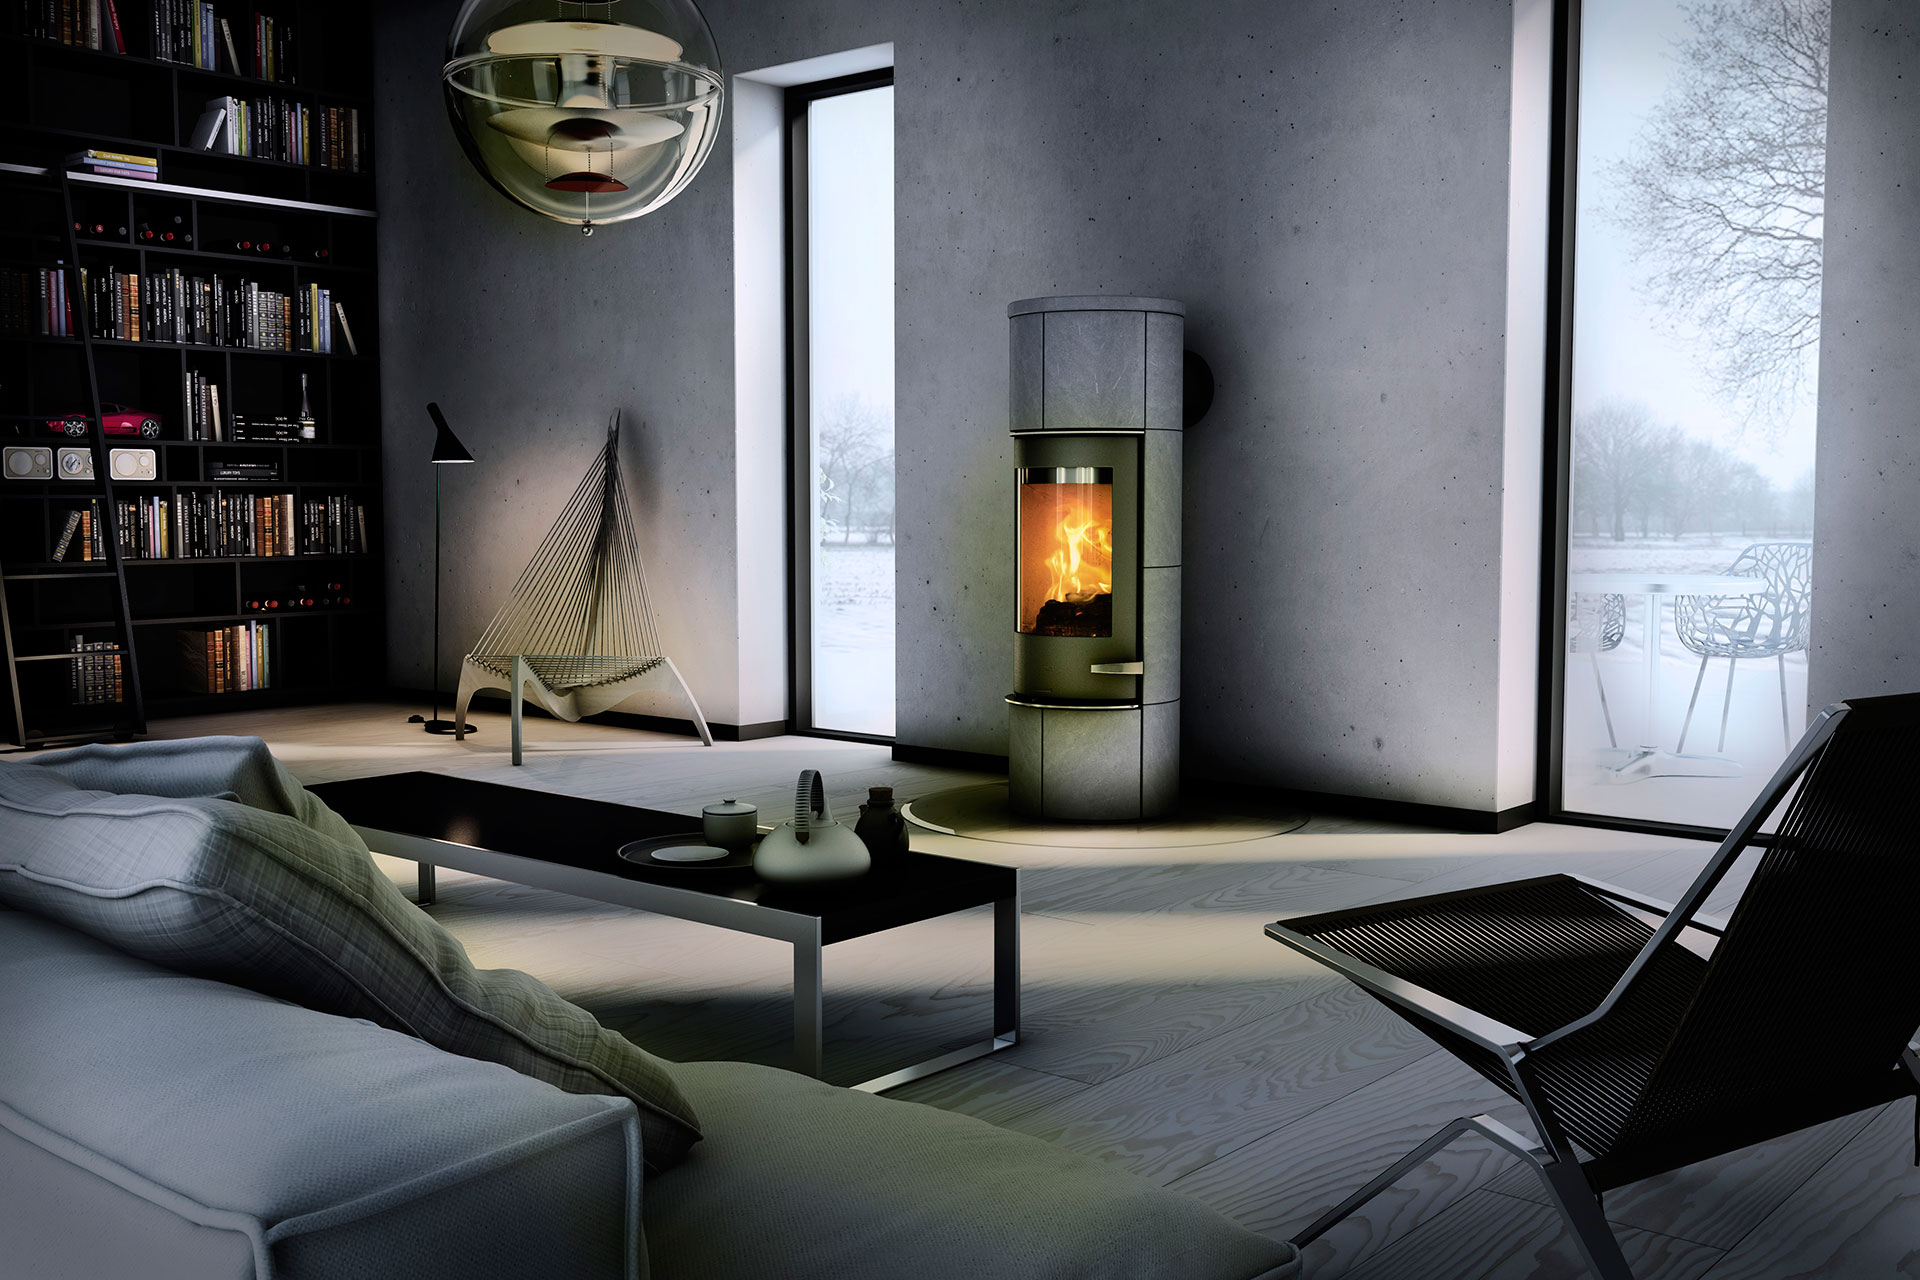 kaminofen lotus prestige s g nstig kaufen bei il camin o in northeim. Black Bedroom Furniture Sets. Home Design Ideas